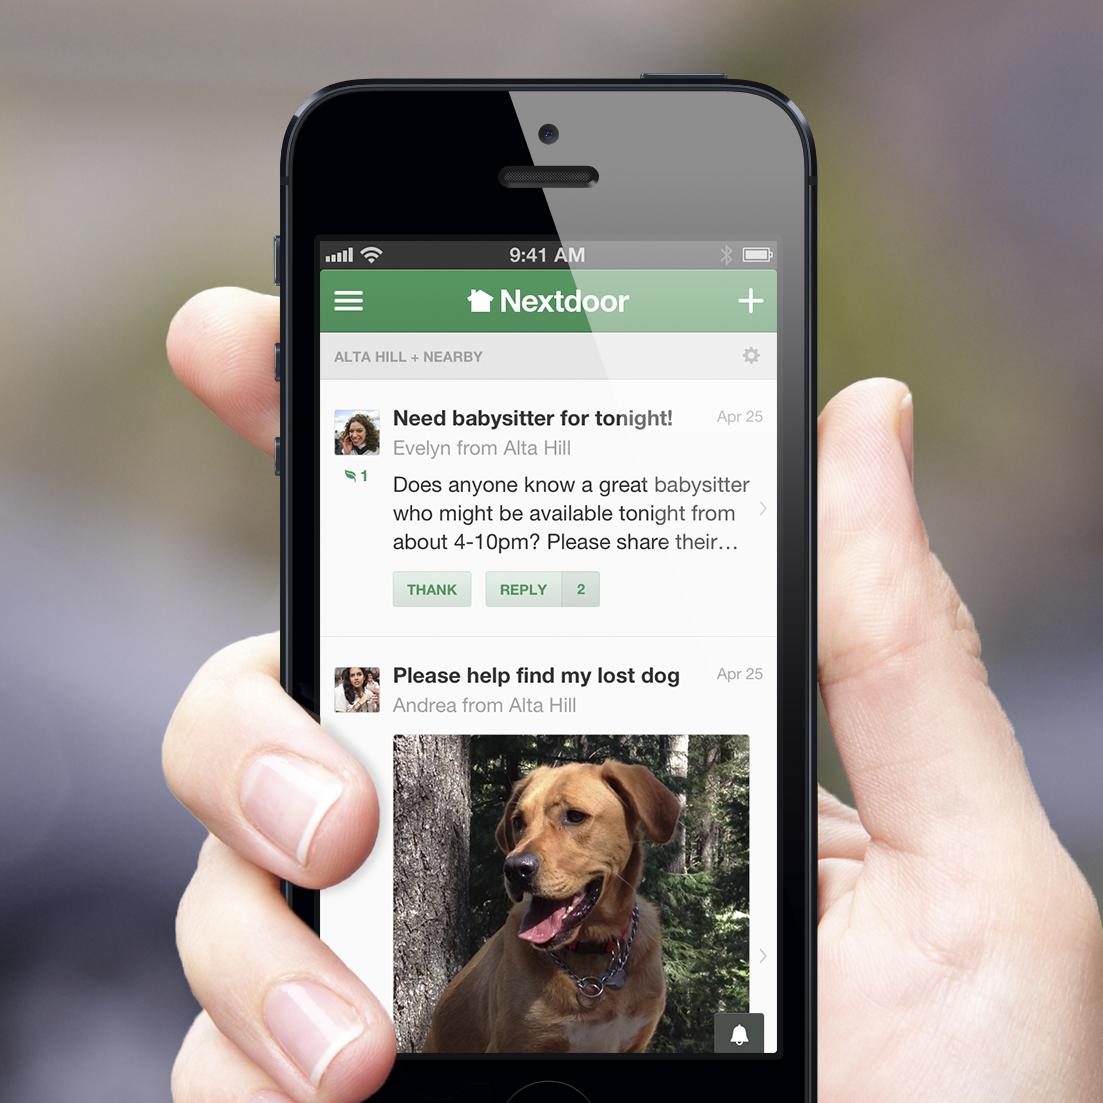 Nextdoor Brings Its NeighborhoodFocused Social Network To